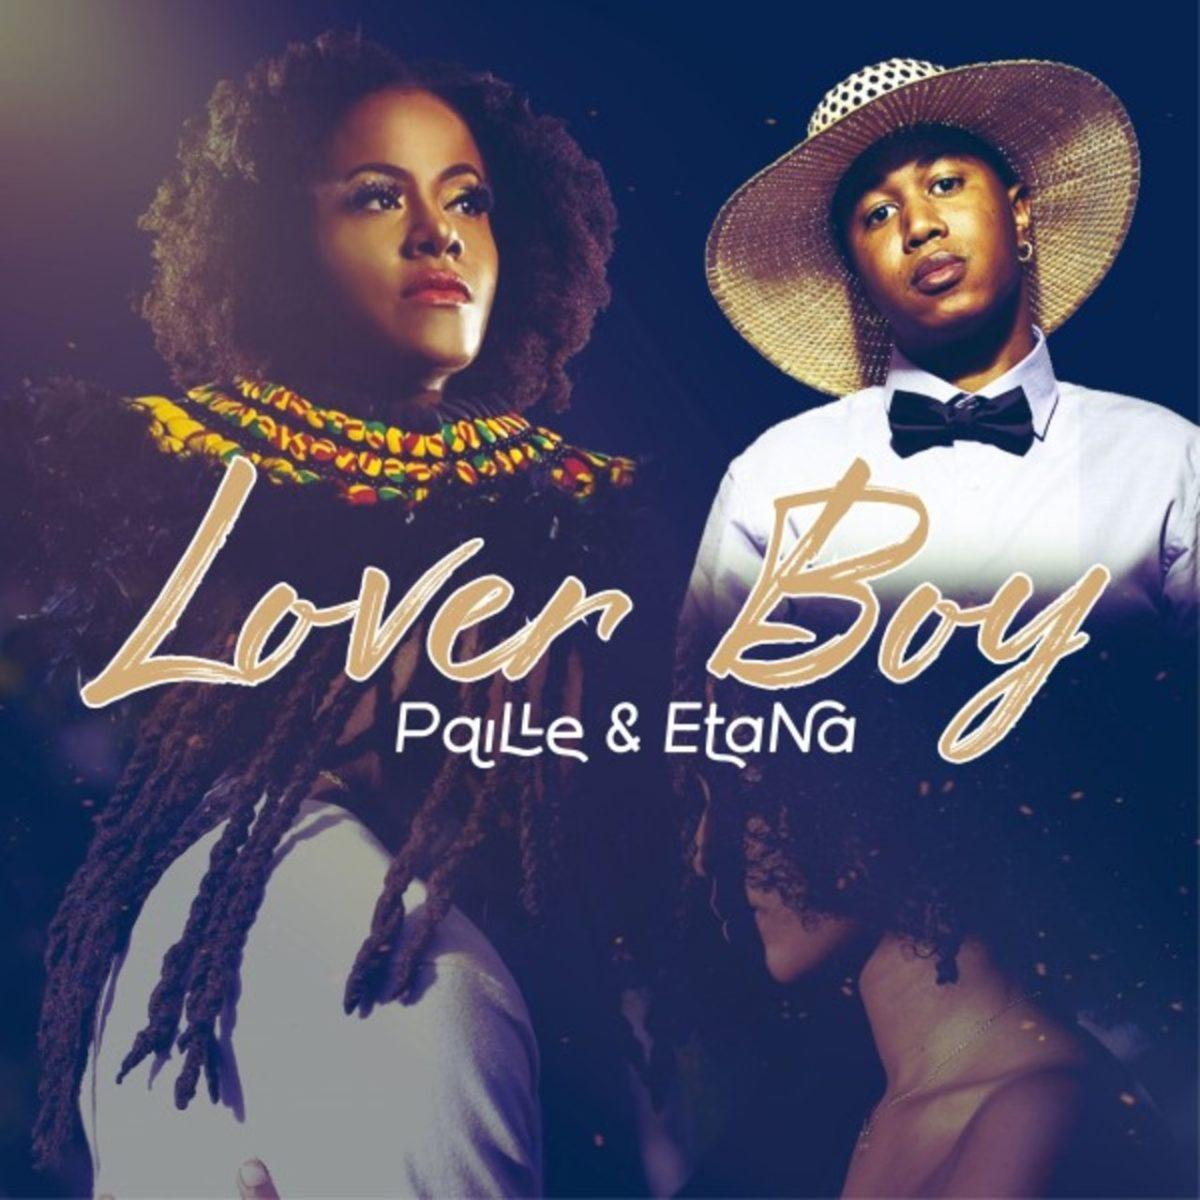 Paille - Lover Boy (ft. Etana) (Cover)